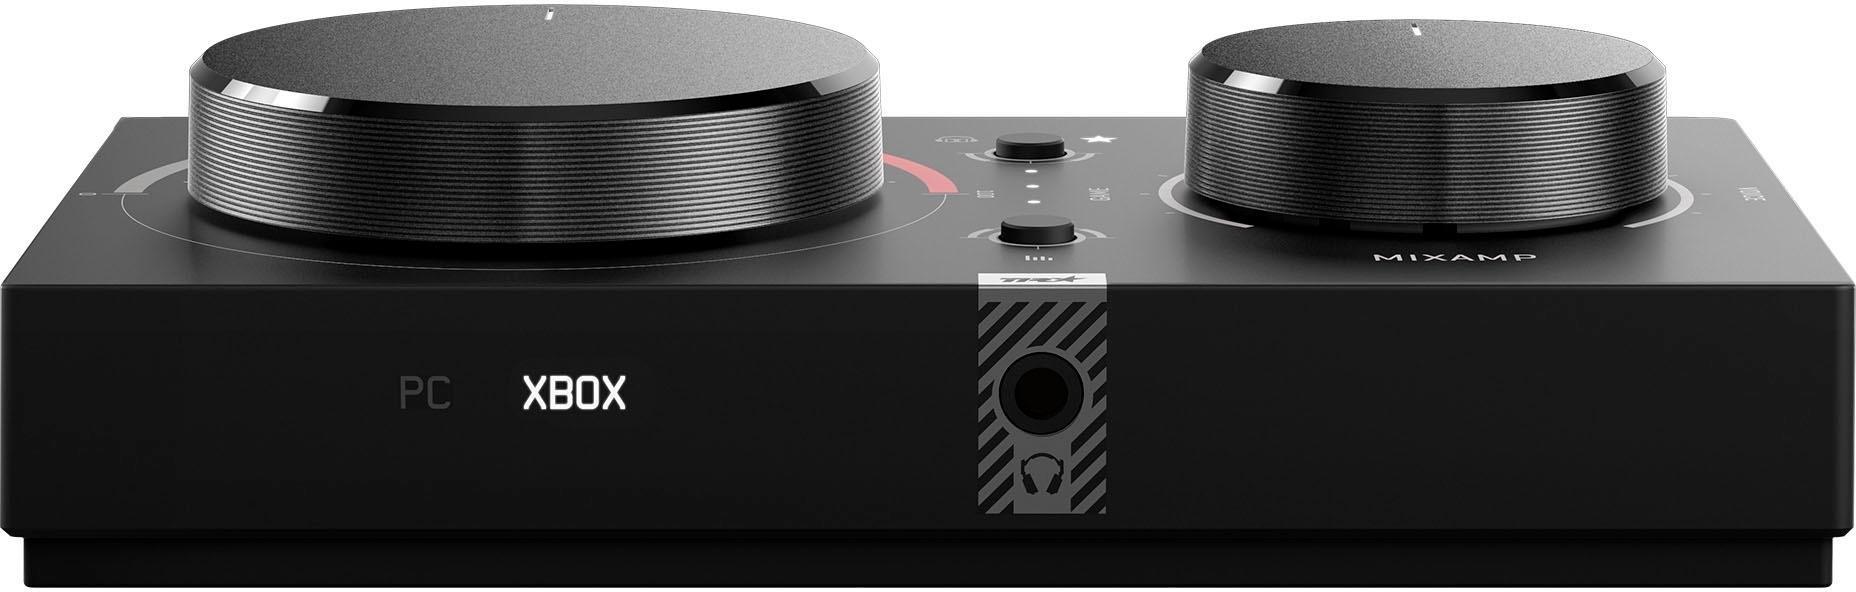 Astro »MixAmp Pro TR -NIEUW- (XBox One, pc, Mac)« gamingheadset (met snoer) nu online kopen bij OTTO